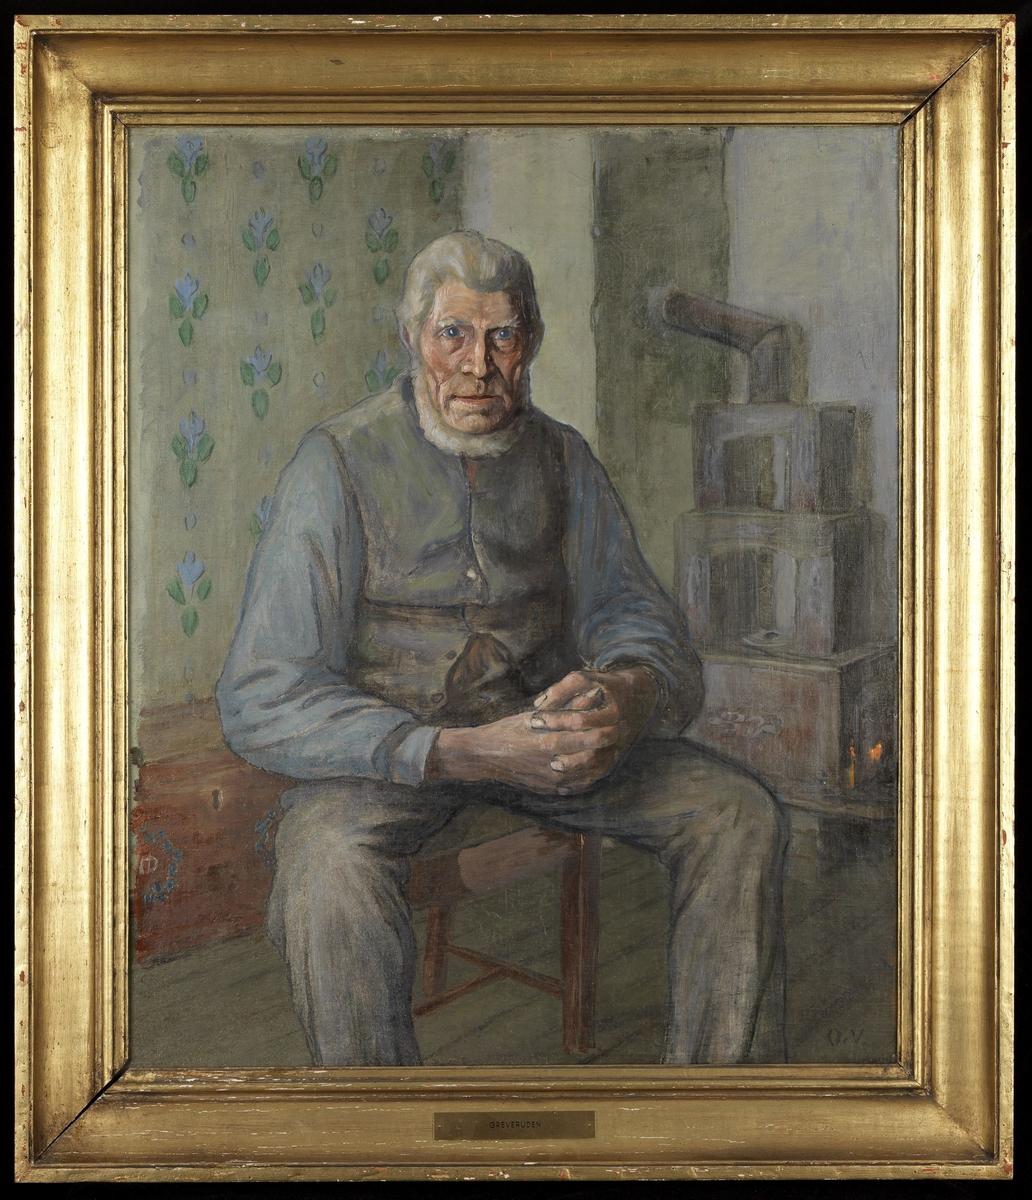 Mann, sittende, nesten helfigur, noe høyrev.,  hendene foldet, skjeggkrans; i bakgr. ovn, rød kiste; blågrå tone